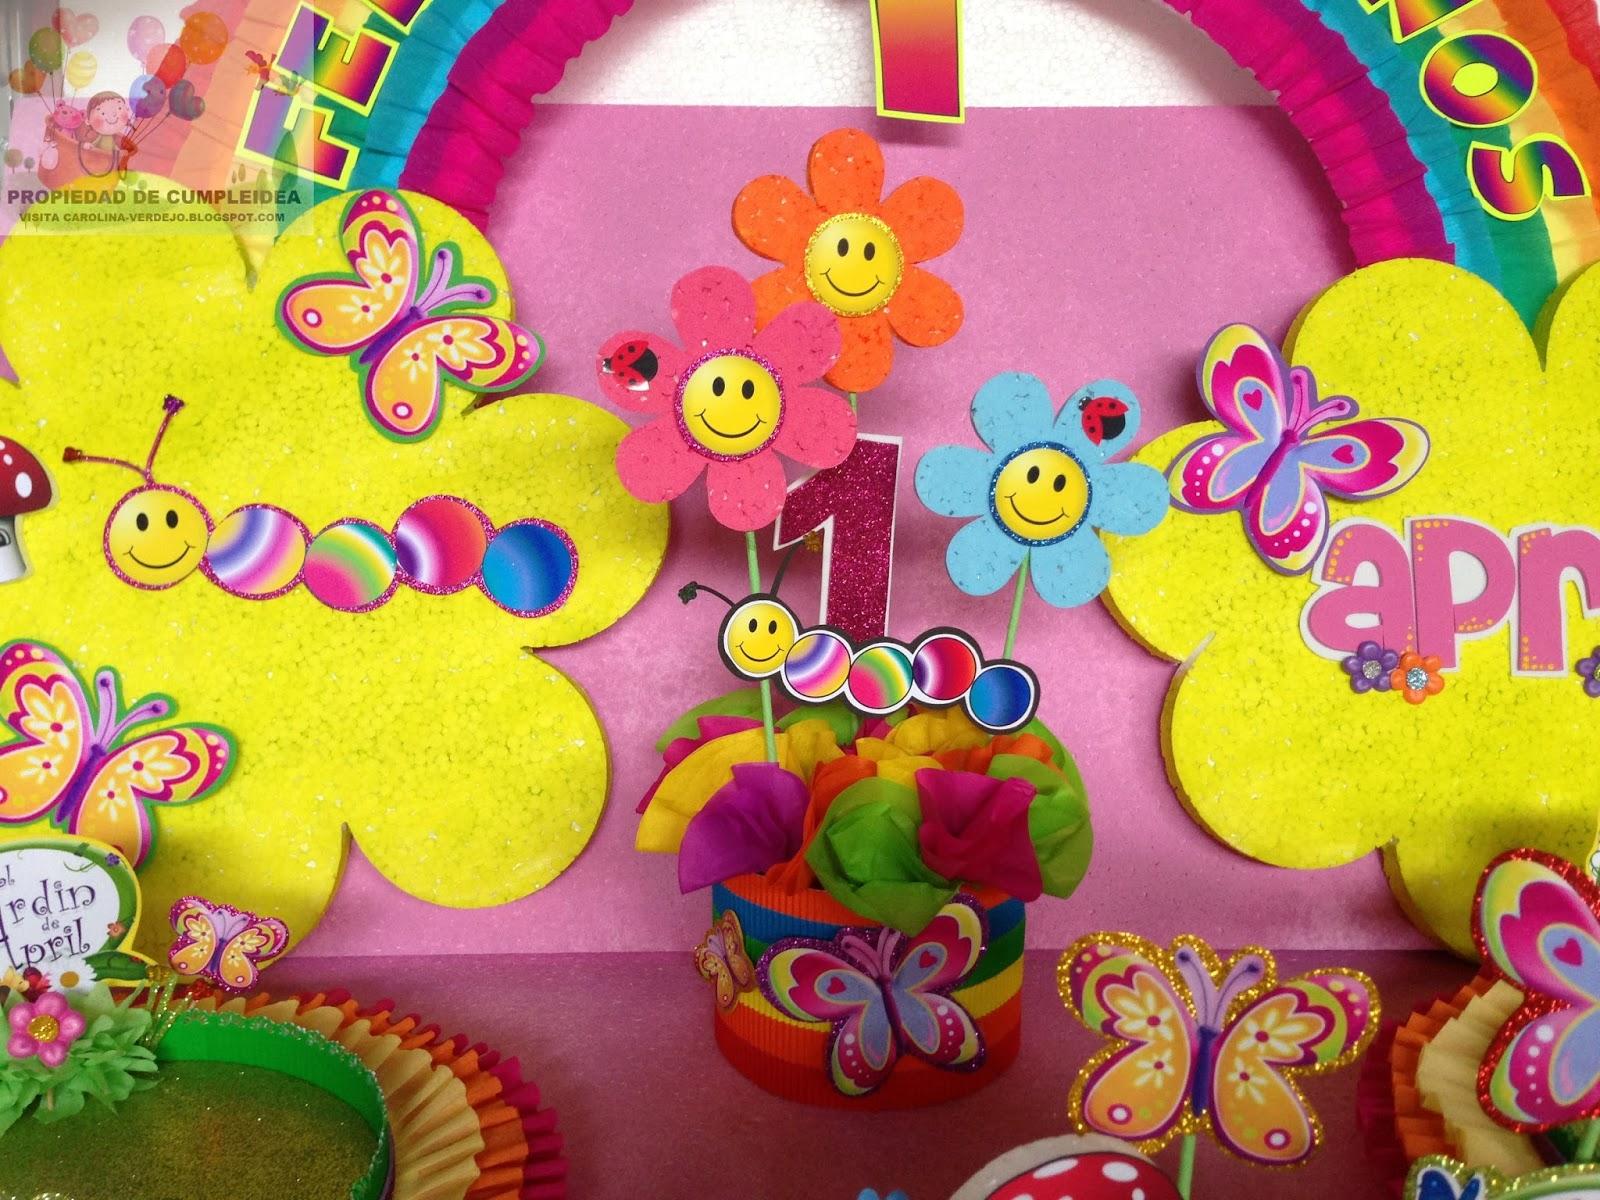 Decoraciones infantiles orugas y mariposas for Decoraciones infantiles